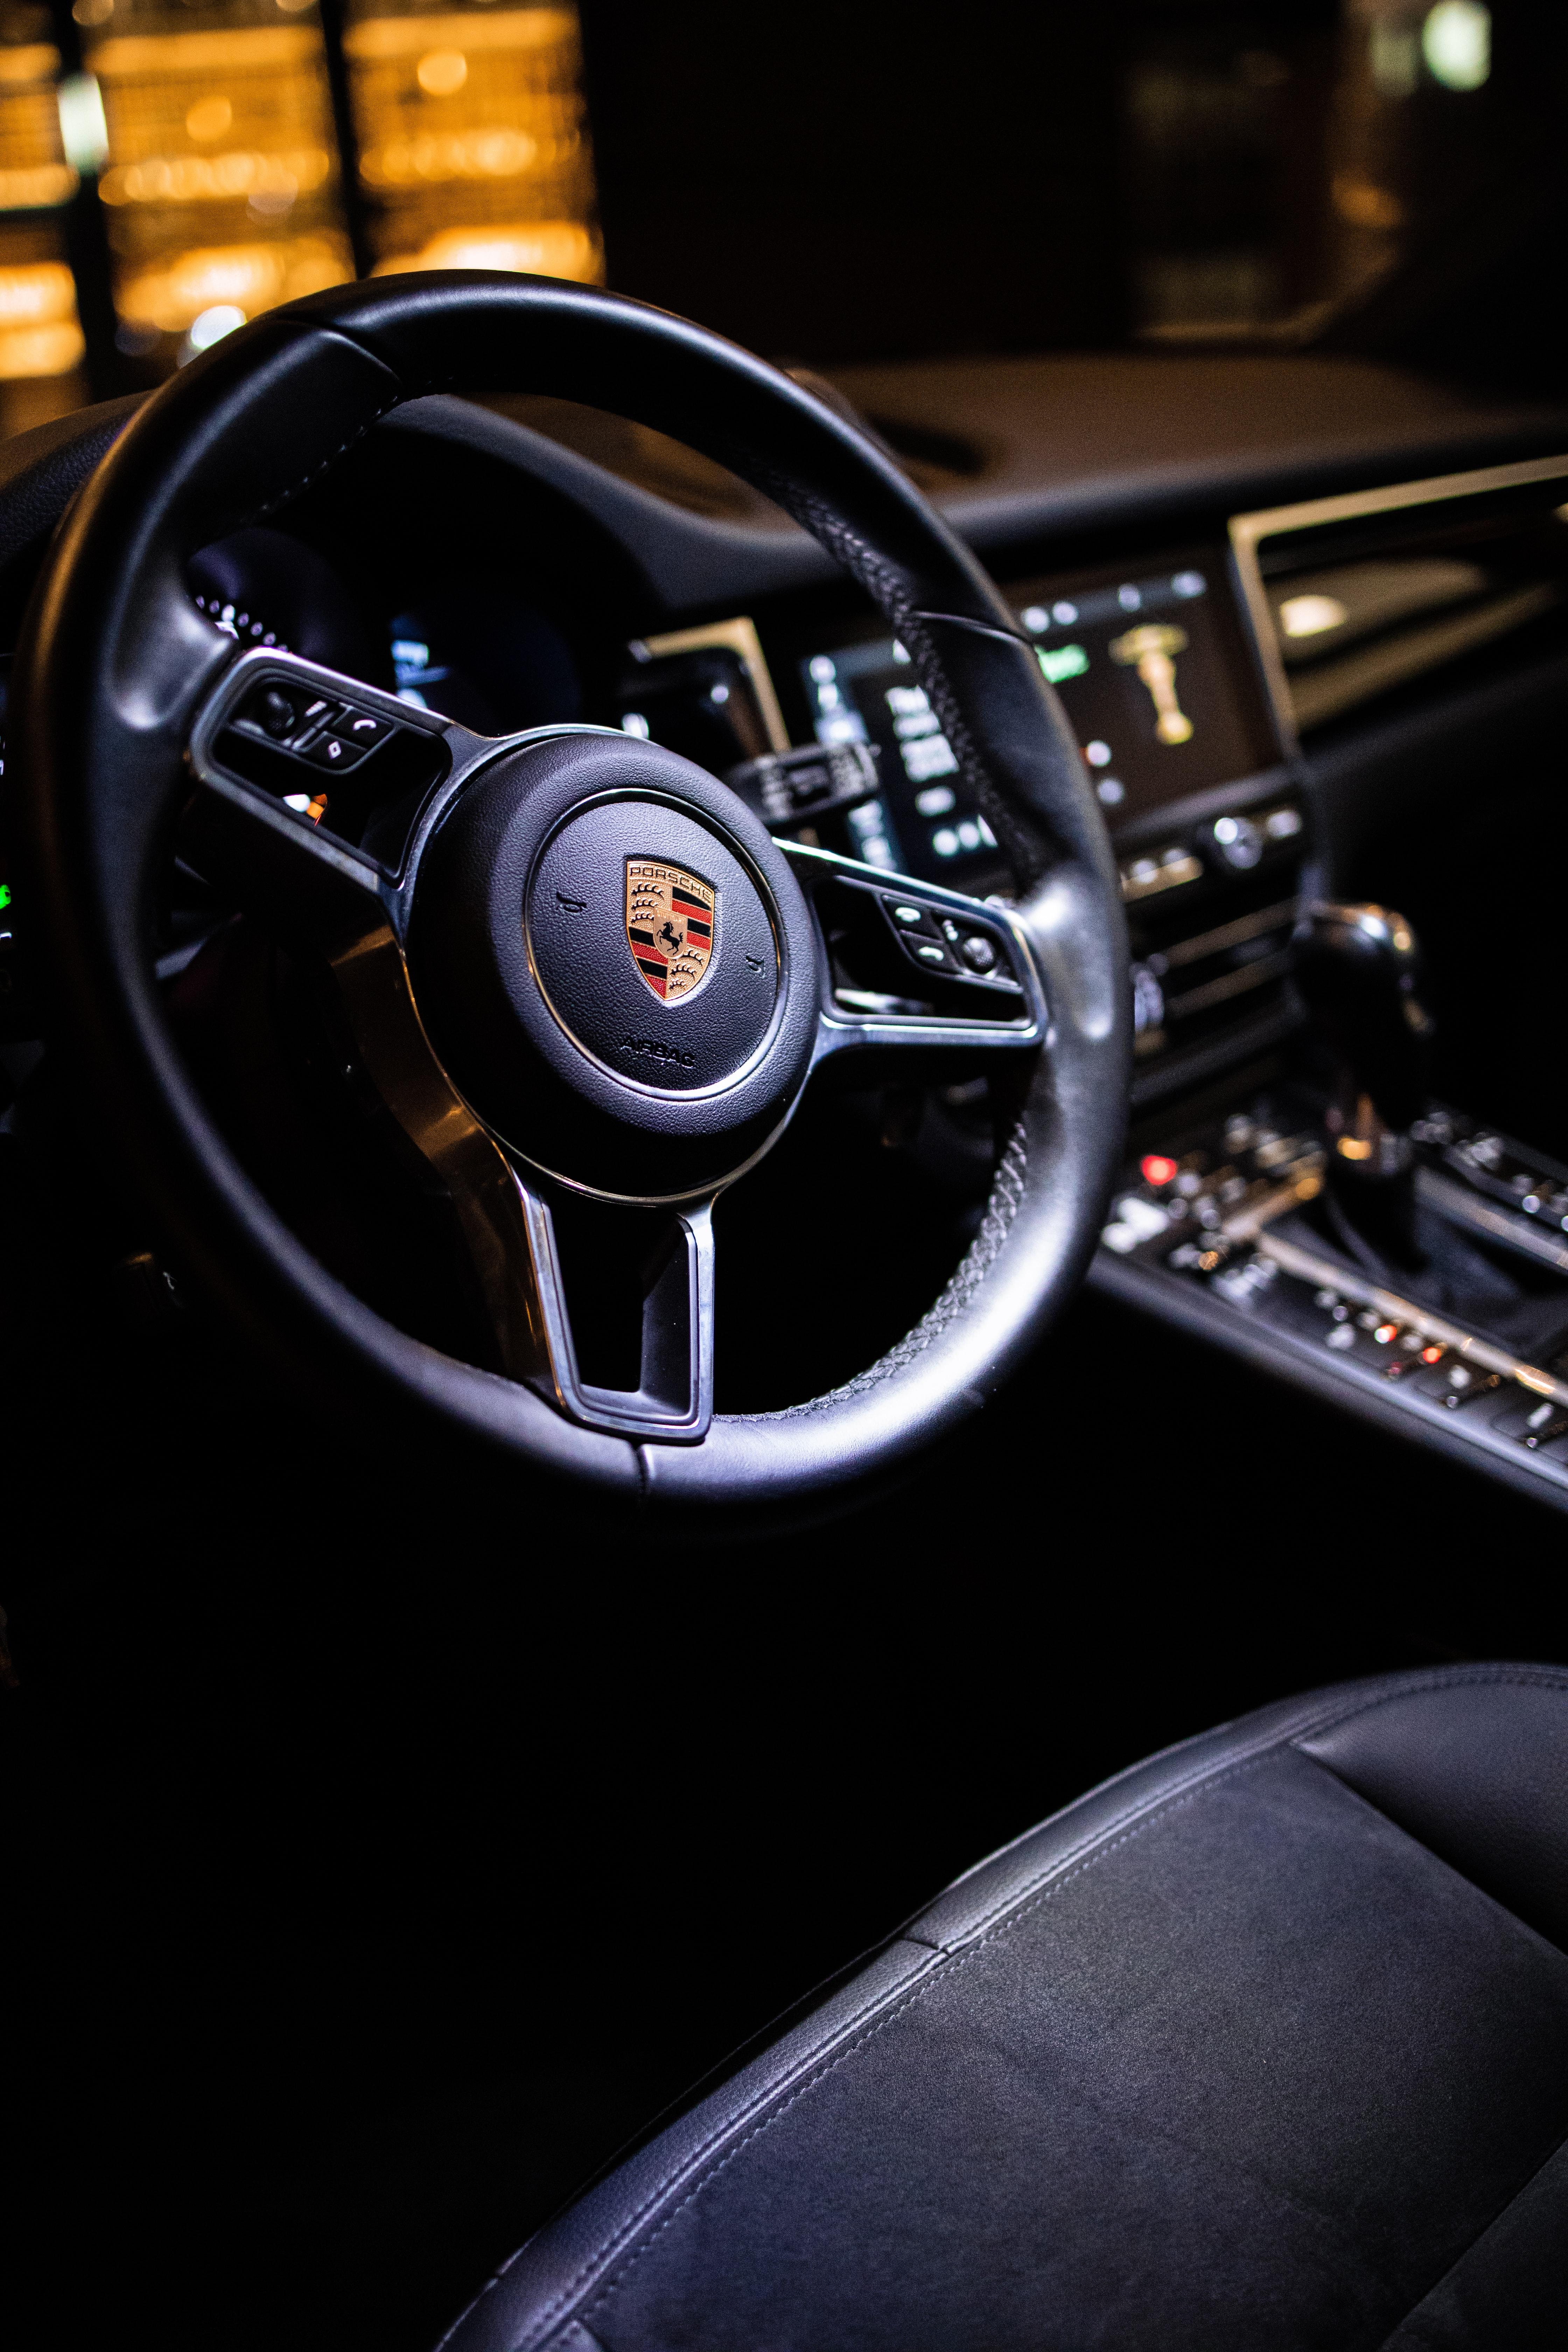 100297 скачать обои Тачки (Cars), Порш (Porsche), Автомобиль, Руль, Салон - заставки и картинки бесплатно